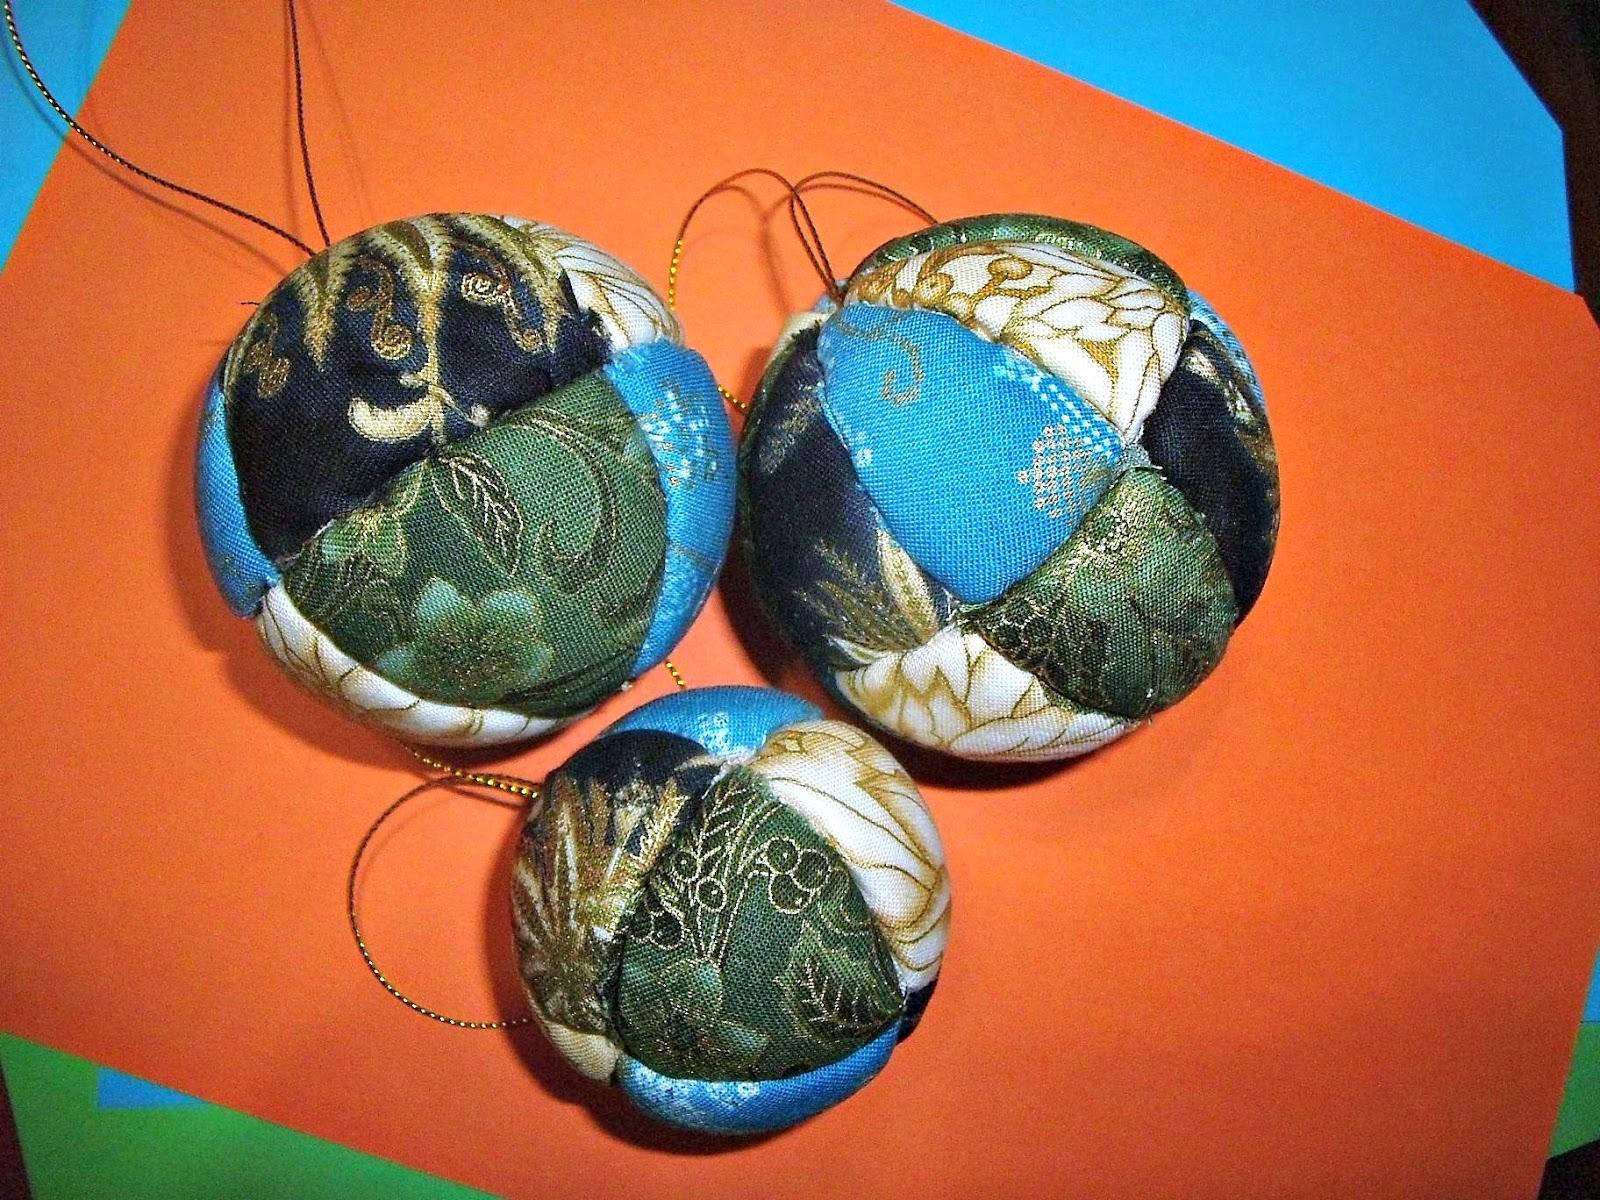 Manualizando bolas de navidad acolchadas - Manualidades con bolas de navidad ...